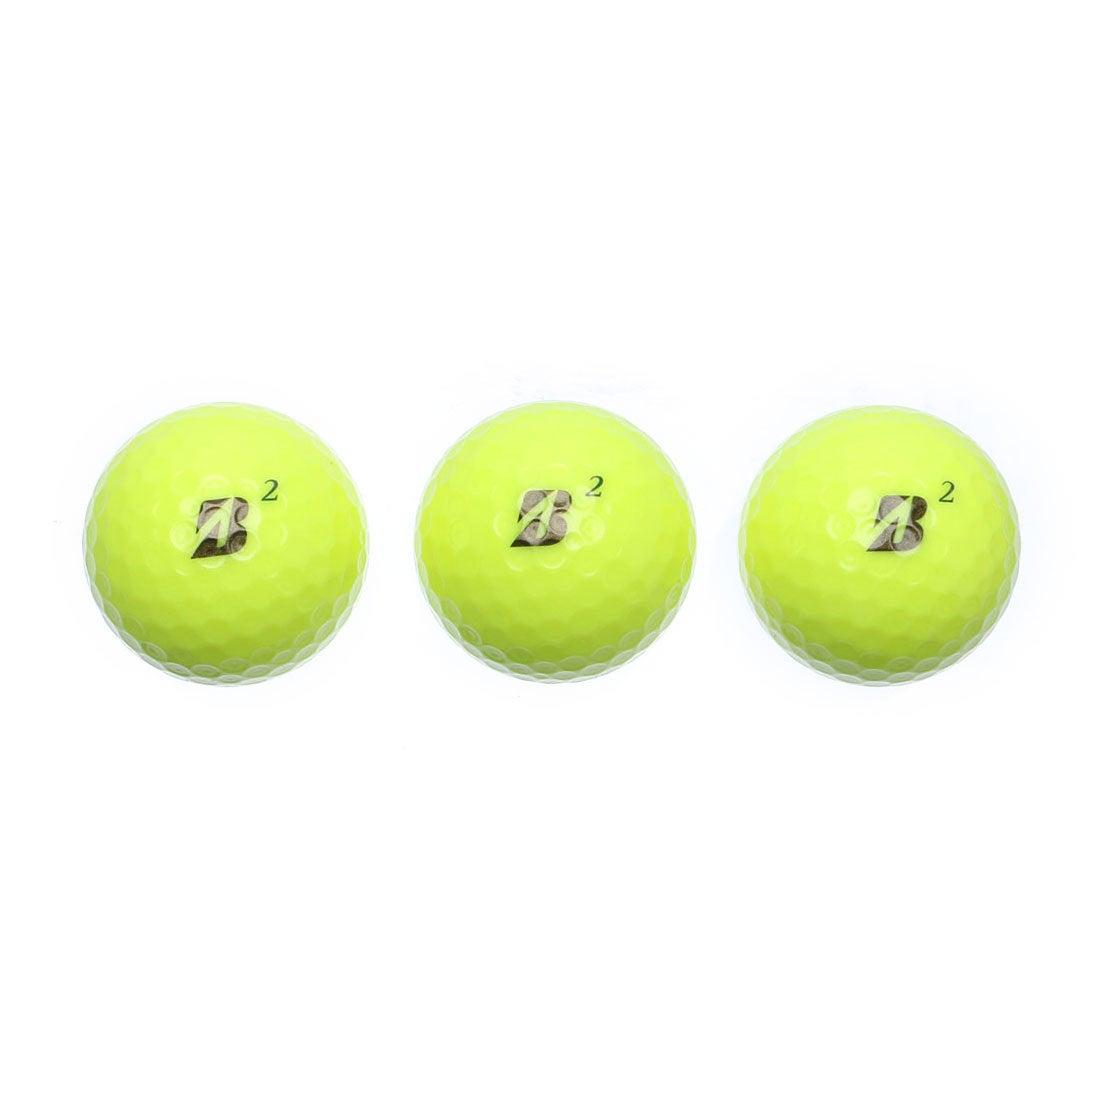 ブリヂストンゴルフ BRIDGESTONE GOLF ゴルフ 公認球 TOUR B XS イエロー 8SYXJ